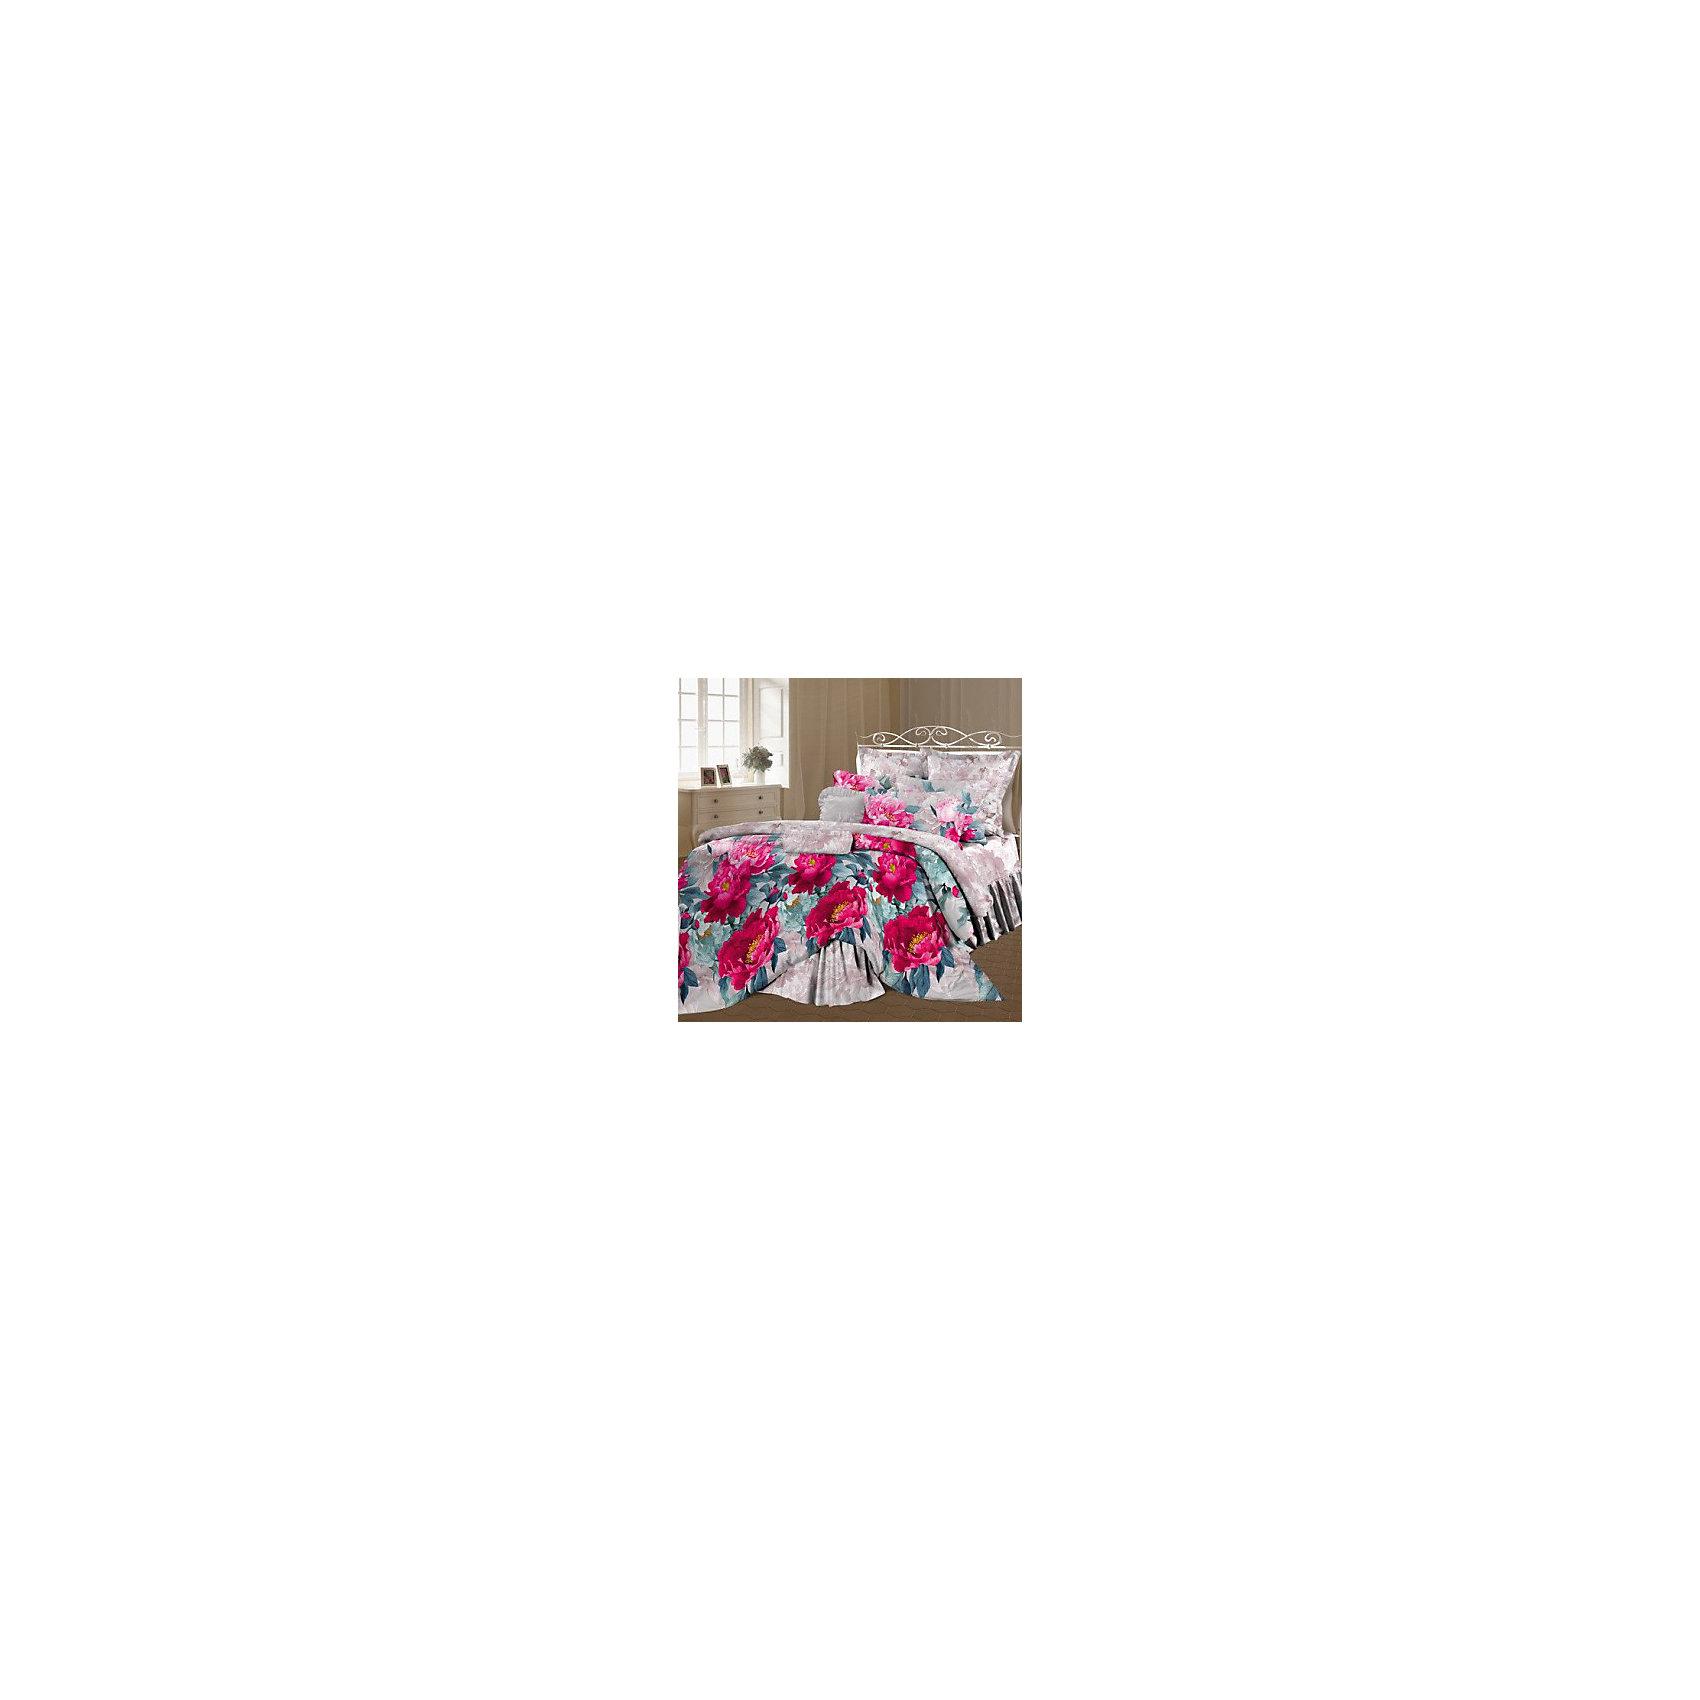 Постельное белье Евро Царство пионов, перкаль, РомантикаДомашний текстиль<br>Характеристики товара:<br><br>• материал: хлопок;<br>• пододеяльник 215х220 см<br>• простыня 220х240 см<br>• 2 наволочки 70х70 см;<br>• размер упаковки 50х50х15 см;<br>• вес упаковки 1,42 кг;<br>• страна производитель: Россия.<br><br>Постельное белье Евро «Царство пионов» перкаль Романтика обеспечит уютный и спокойный сон. Комплект изготовлен из мягкого перкаля — хлопчатобумажной ткани особой прочности и износостойкости, приятной на ощупь. Она не вызывает аллергических реакций, не линяет и не теряет цвет после стирки.<br><br>Постельное белье Евро «Царство пионов» перкаль Романтика можно приобрести в нашем интернет-магазине.<br><br>Ширина мм: 500<br>Глубина мм: 500<br>Высота мм: 150<br>Вес г: 1427<br>Возраст от месяцев: 216<br>Возраст до месяцев: 1188<br>Пол: Унисекс<br>Возраст: Детский<br>SKU: 5136375